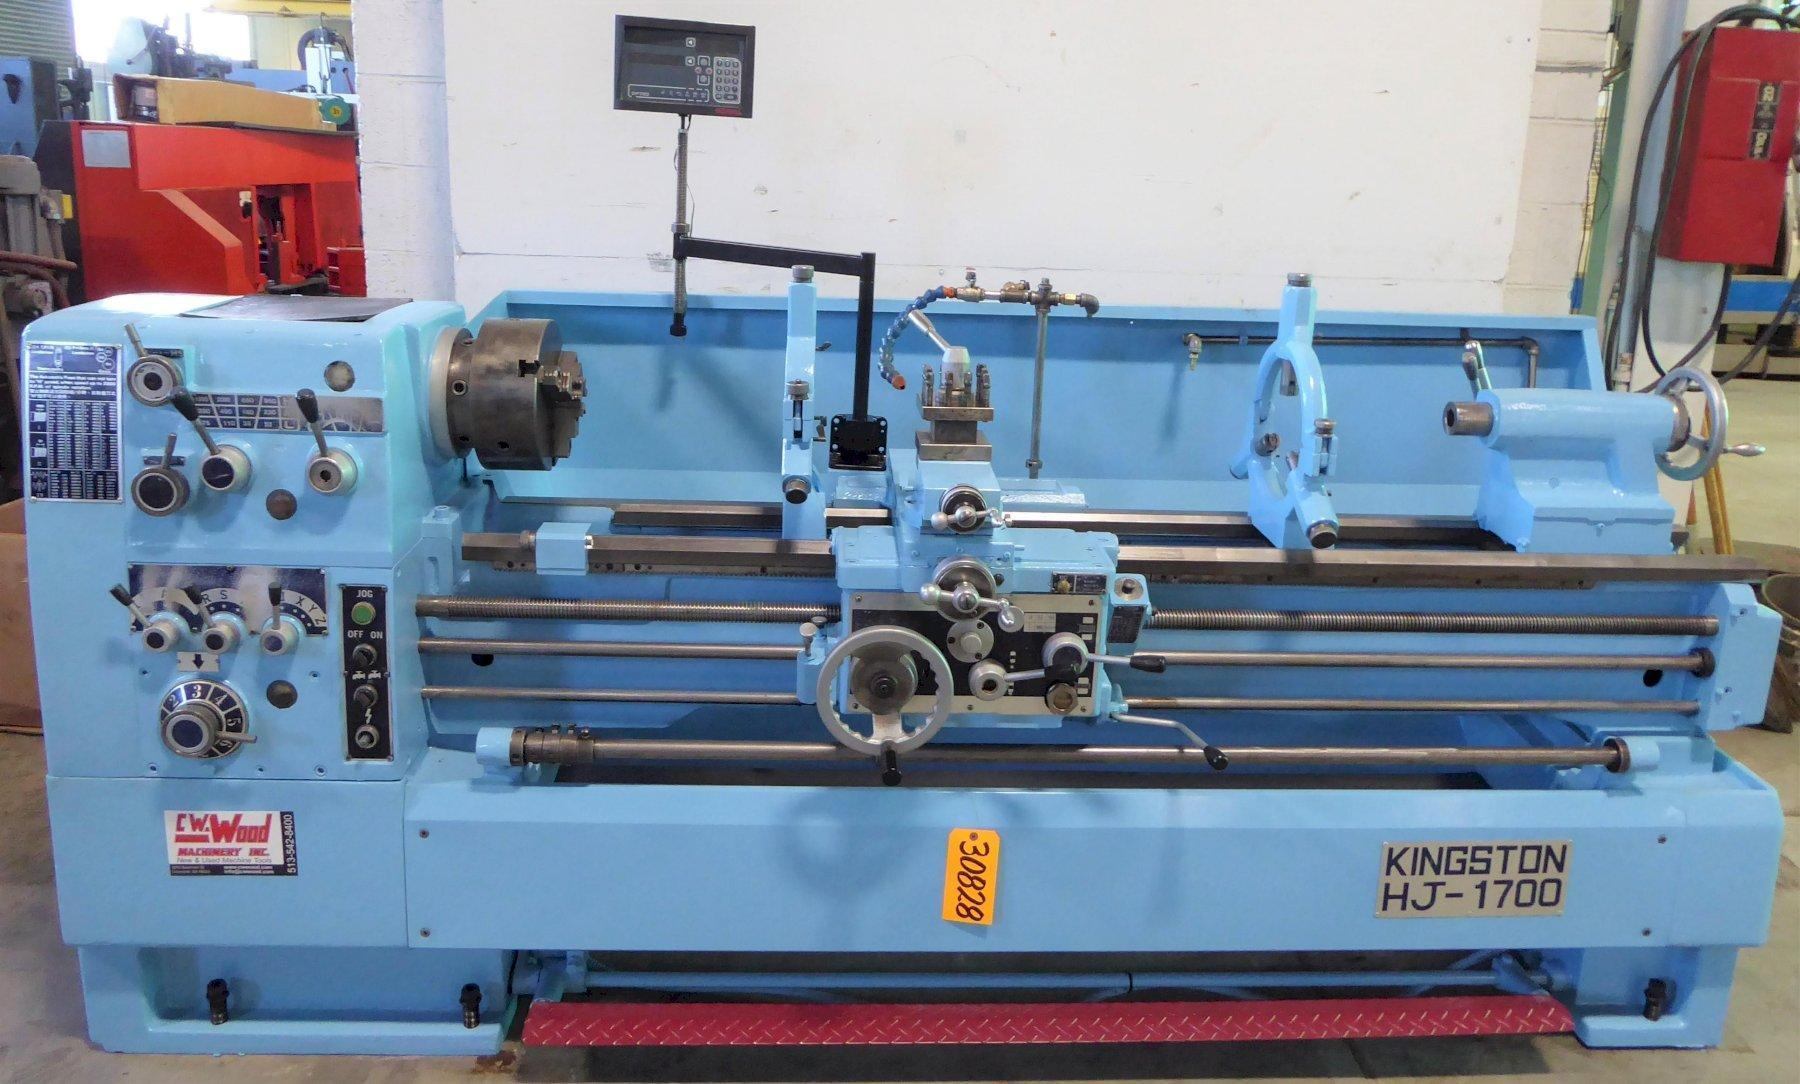 17″/24″ x 67″ KINGSTON HJ-1700, Gap, Inch/mm, 35-2000 RPM, Taper, 7-1/2 HP, Clean